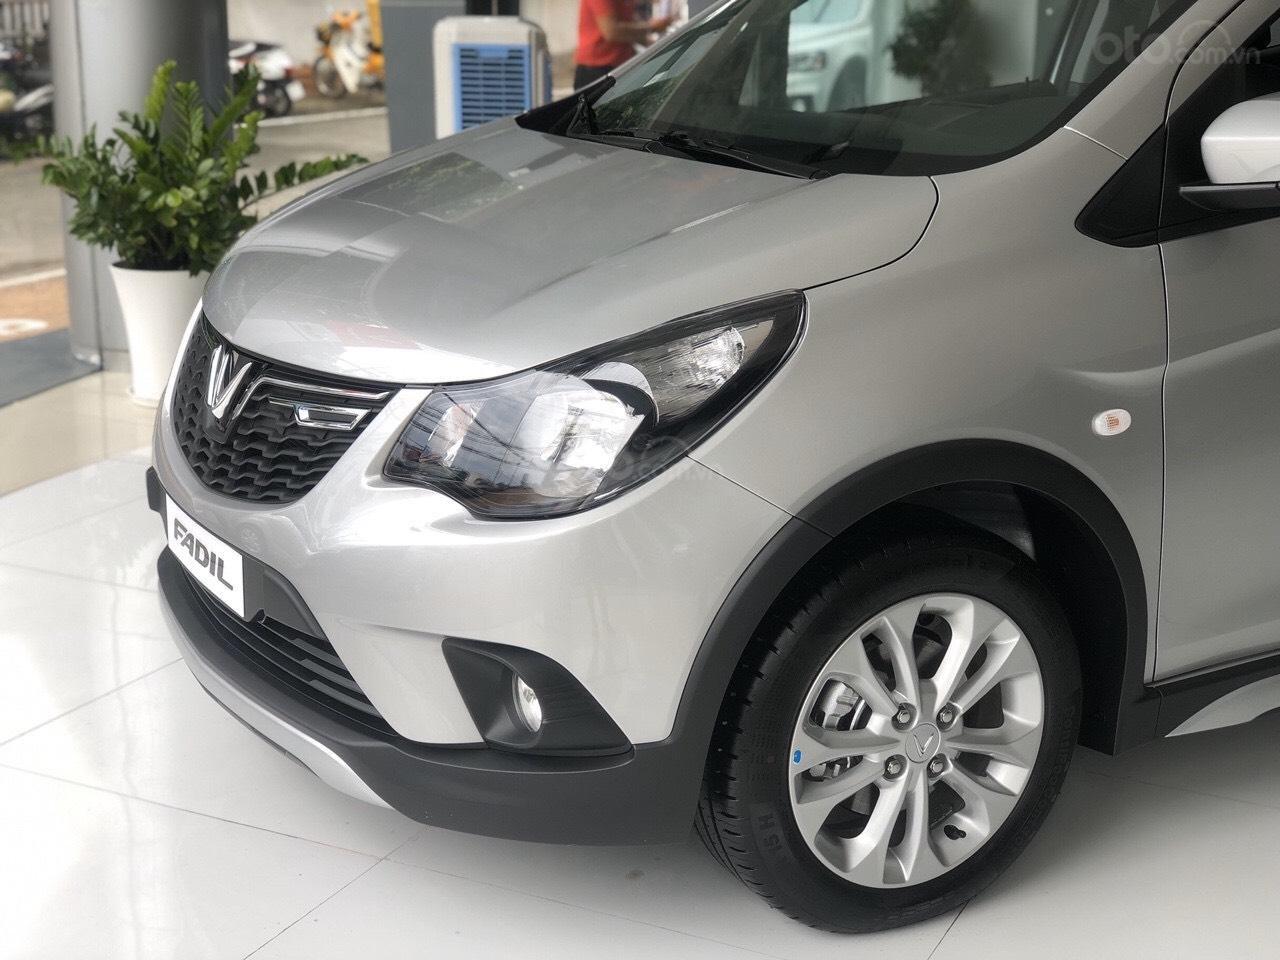 Hot hot ưu đãi xe VinFast Fadil đời 2019, tại Kiên Giang, khu vực miền Tây (2)